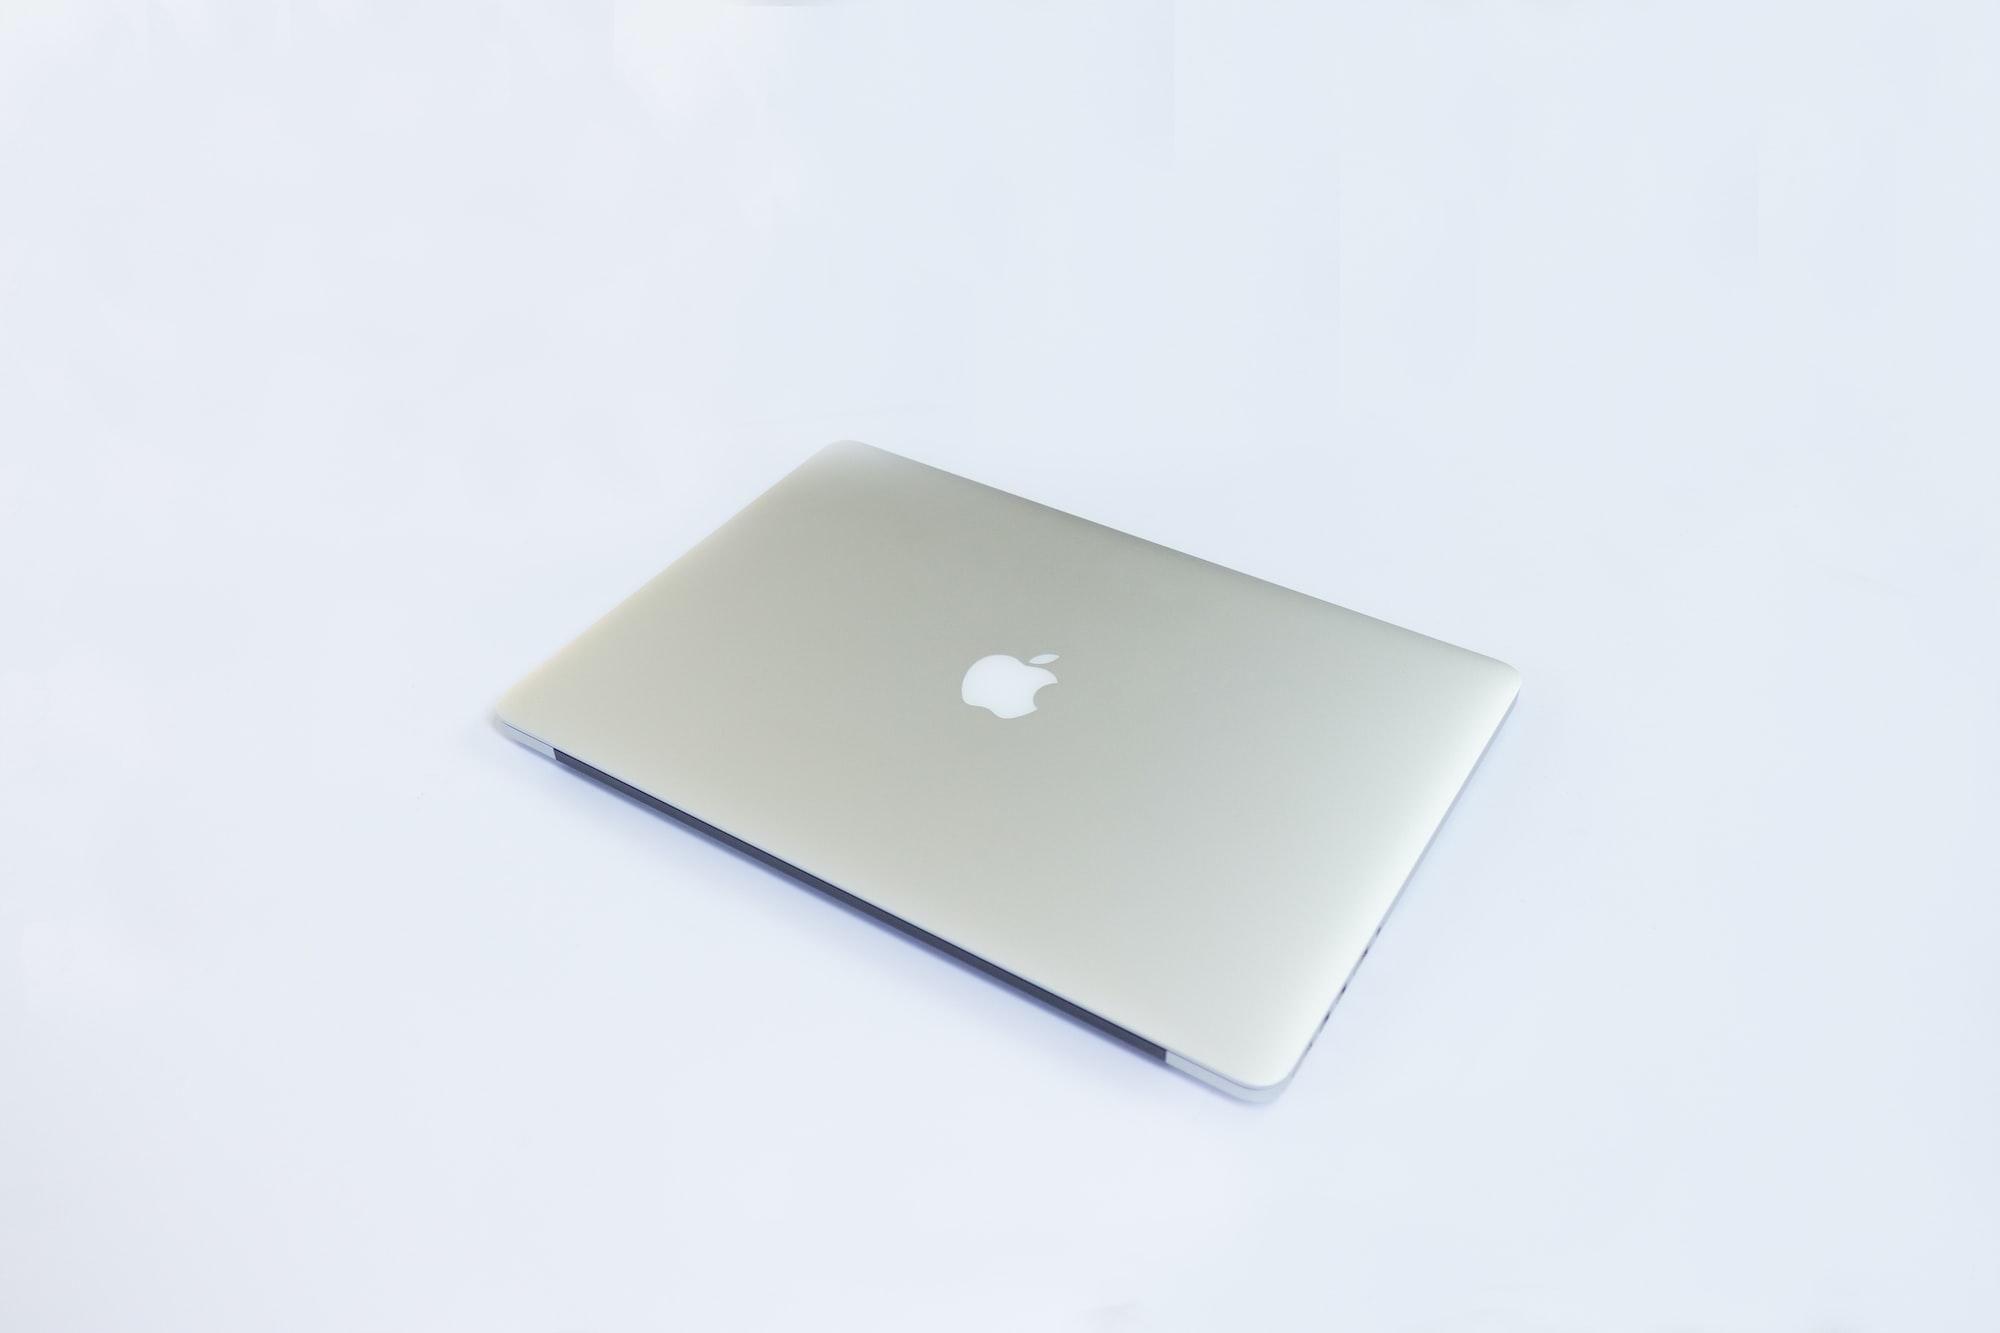 MacBook Pro Retina de 2012 - mais um obsoleto para a conta...